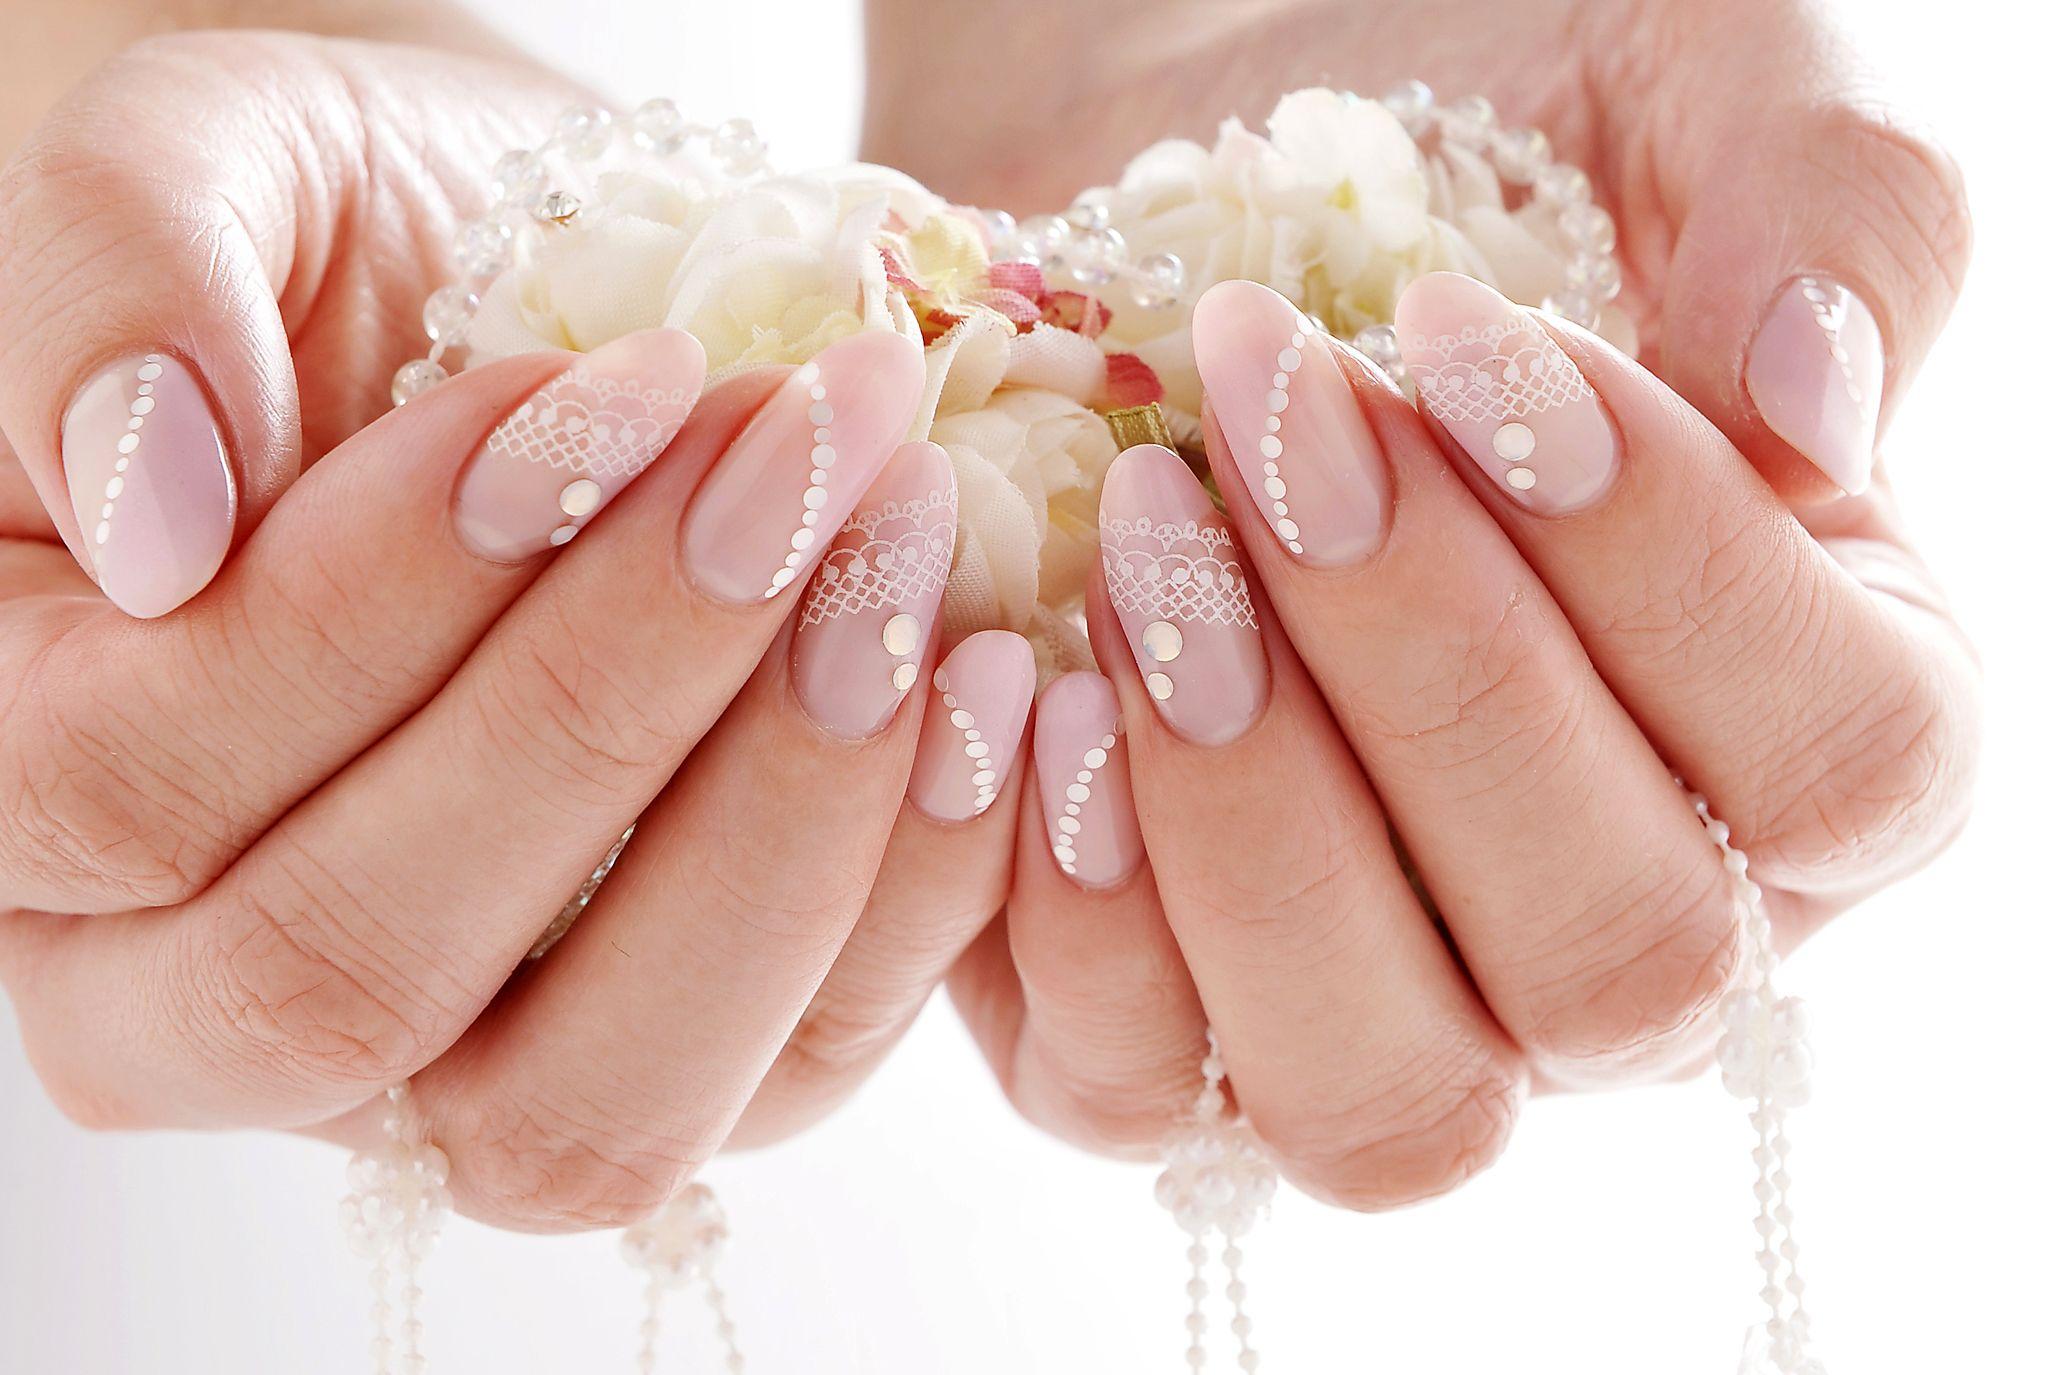 Сонник красить ногти к чему снится красить ногти во сне